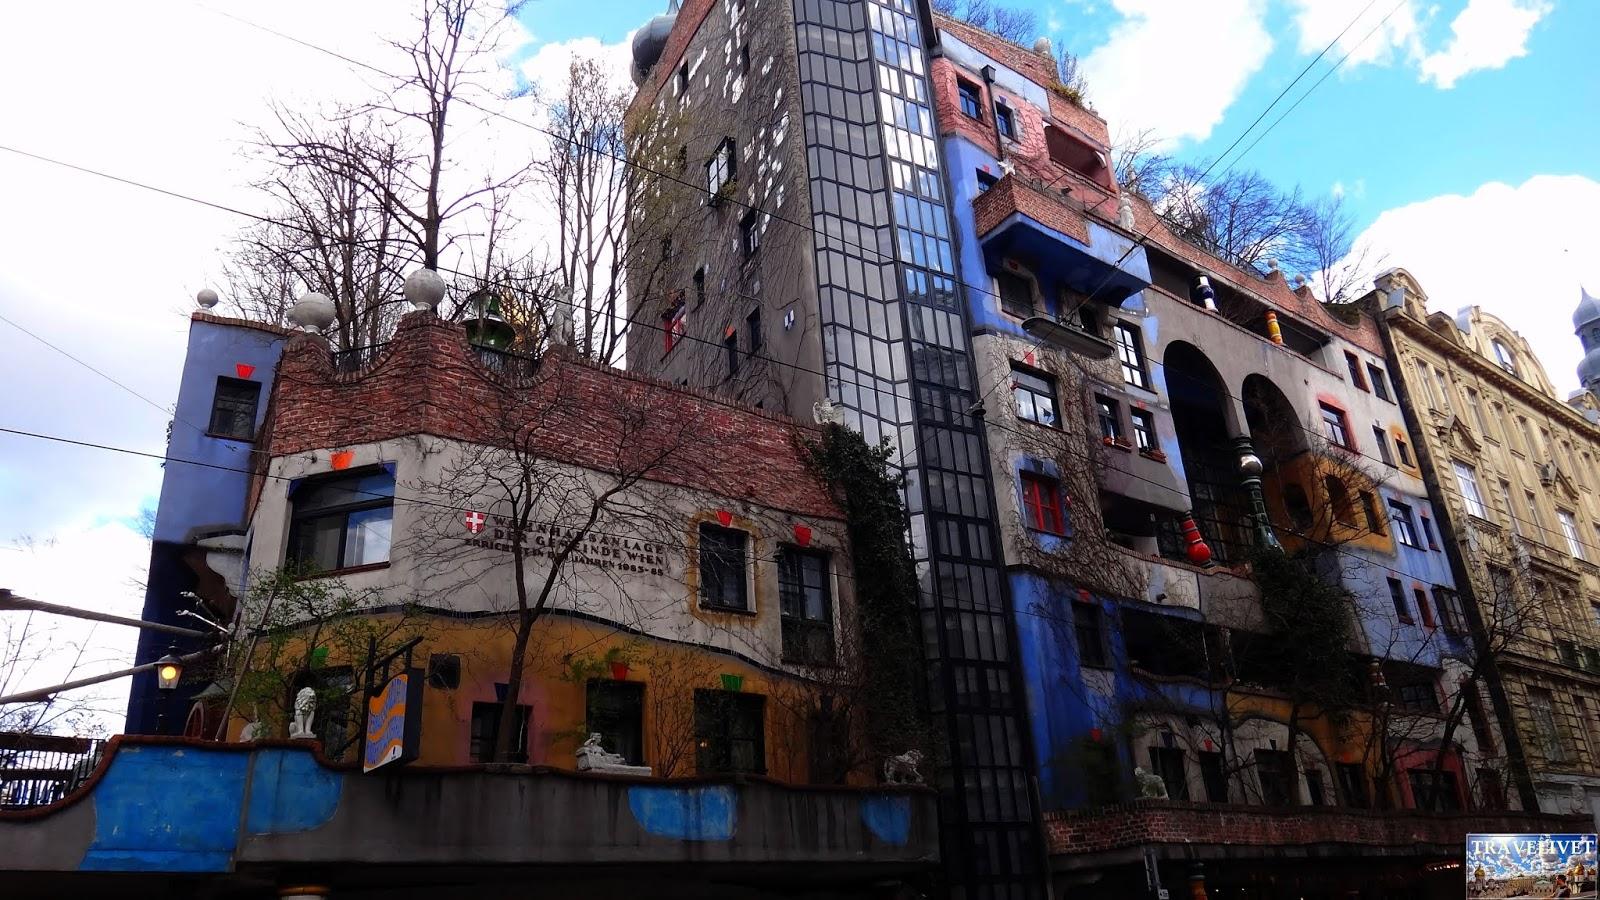 Autriche Vienne Hundertwasserhaus